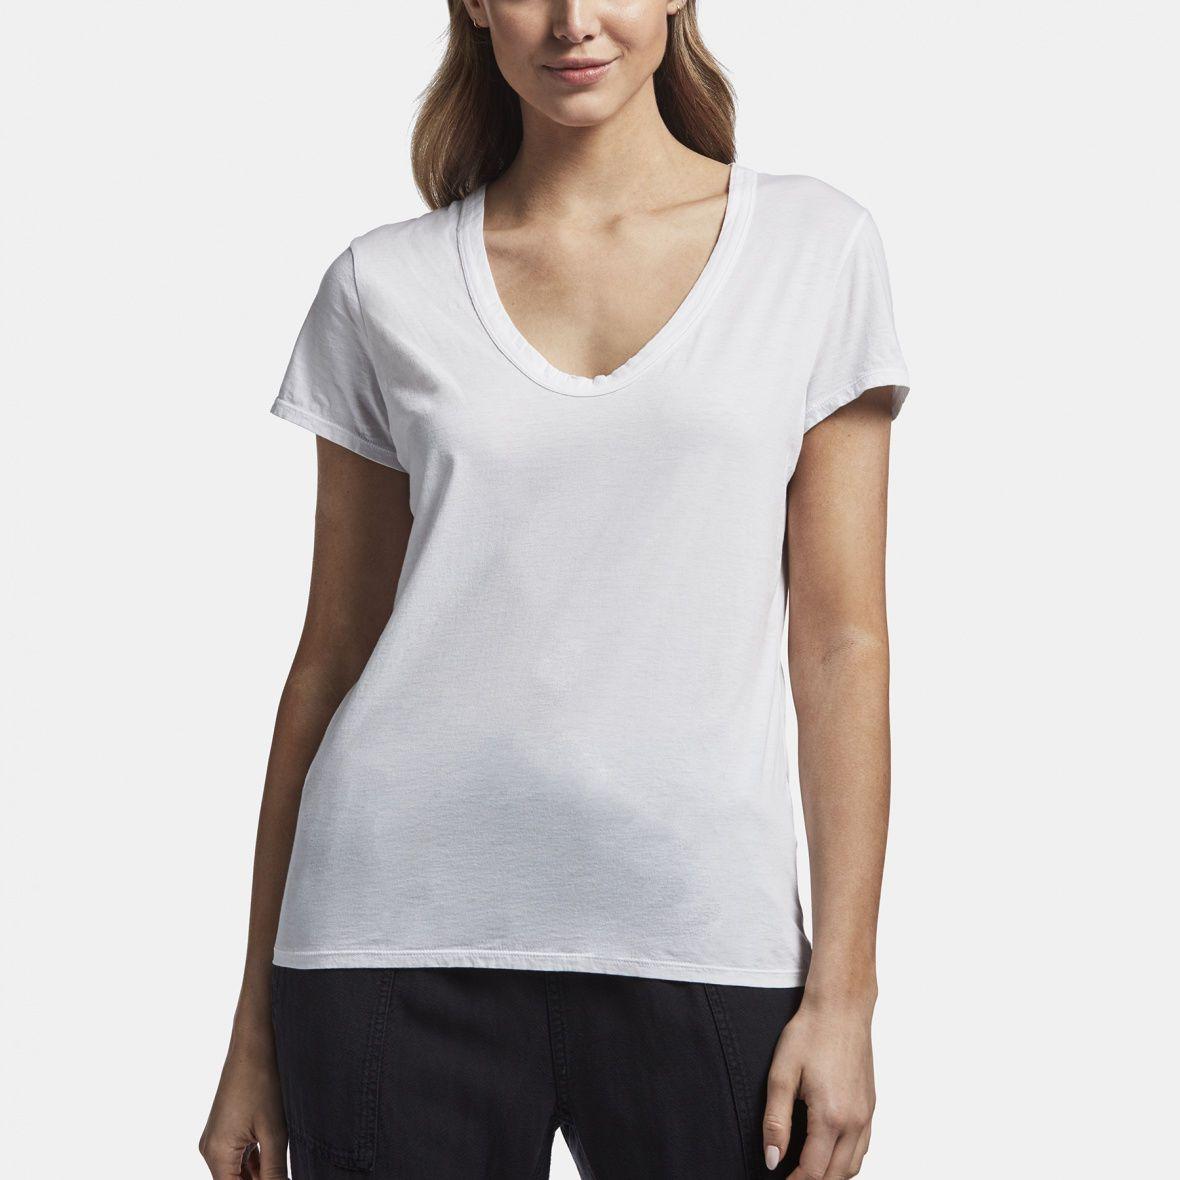 21 Best T-shirts for Women in 2020 — Shop Best Women's Tees